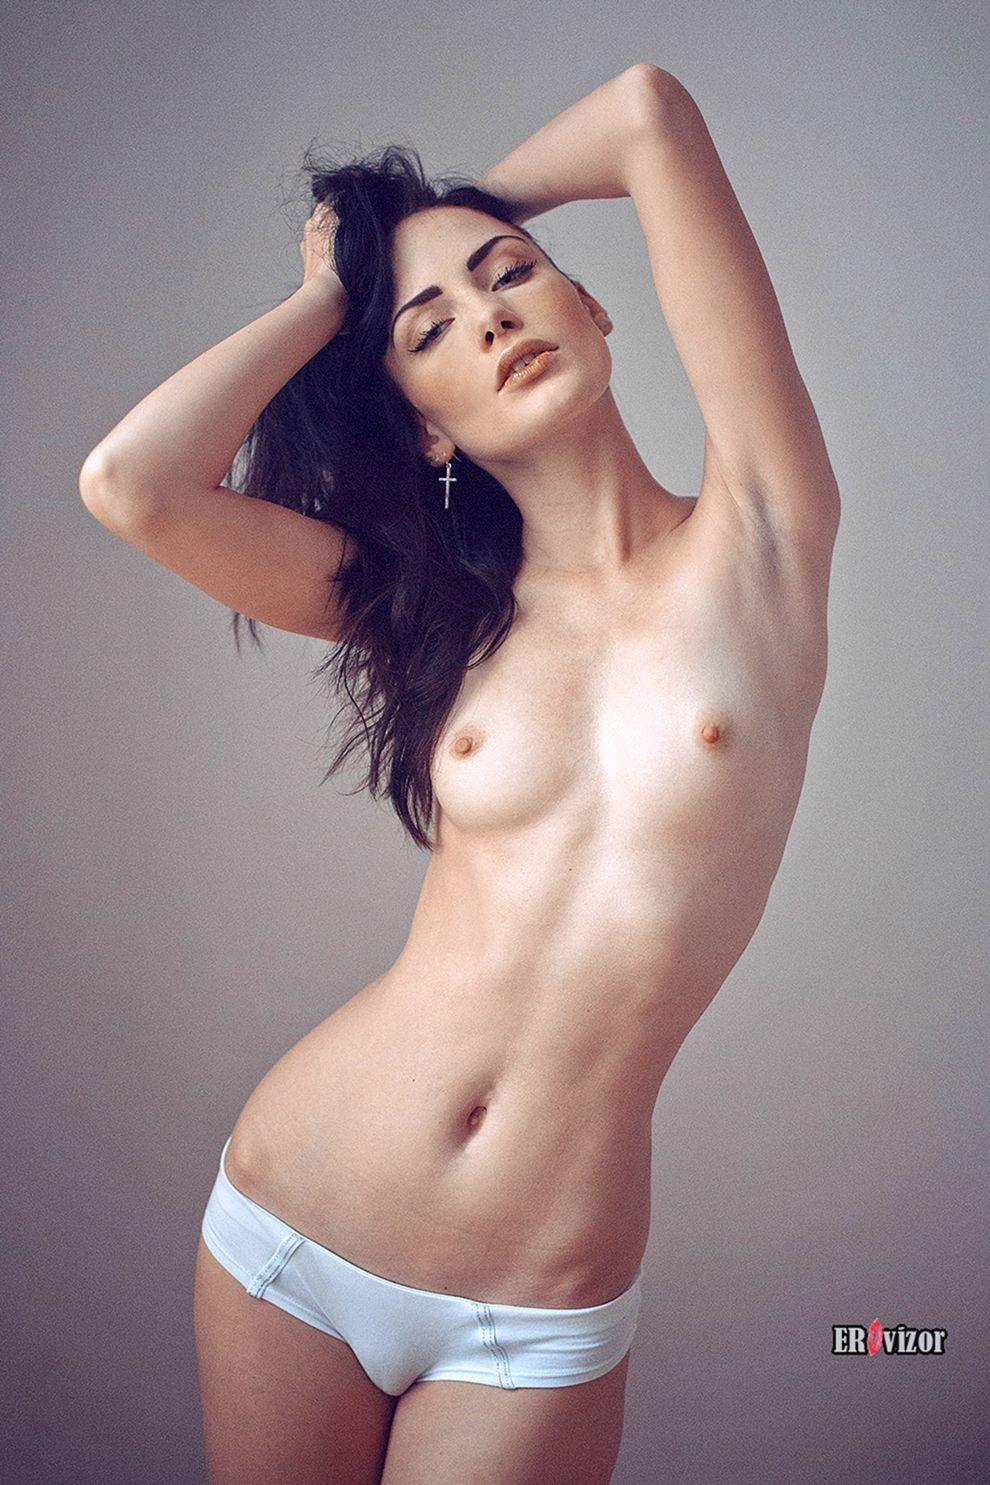 эро фото портрет девушки